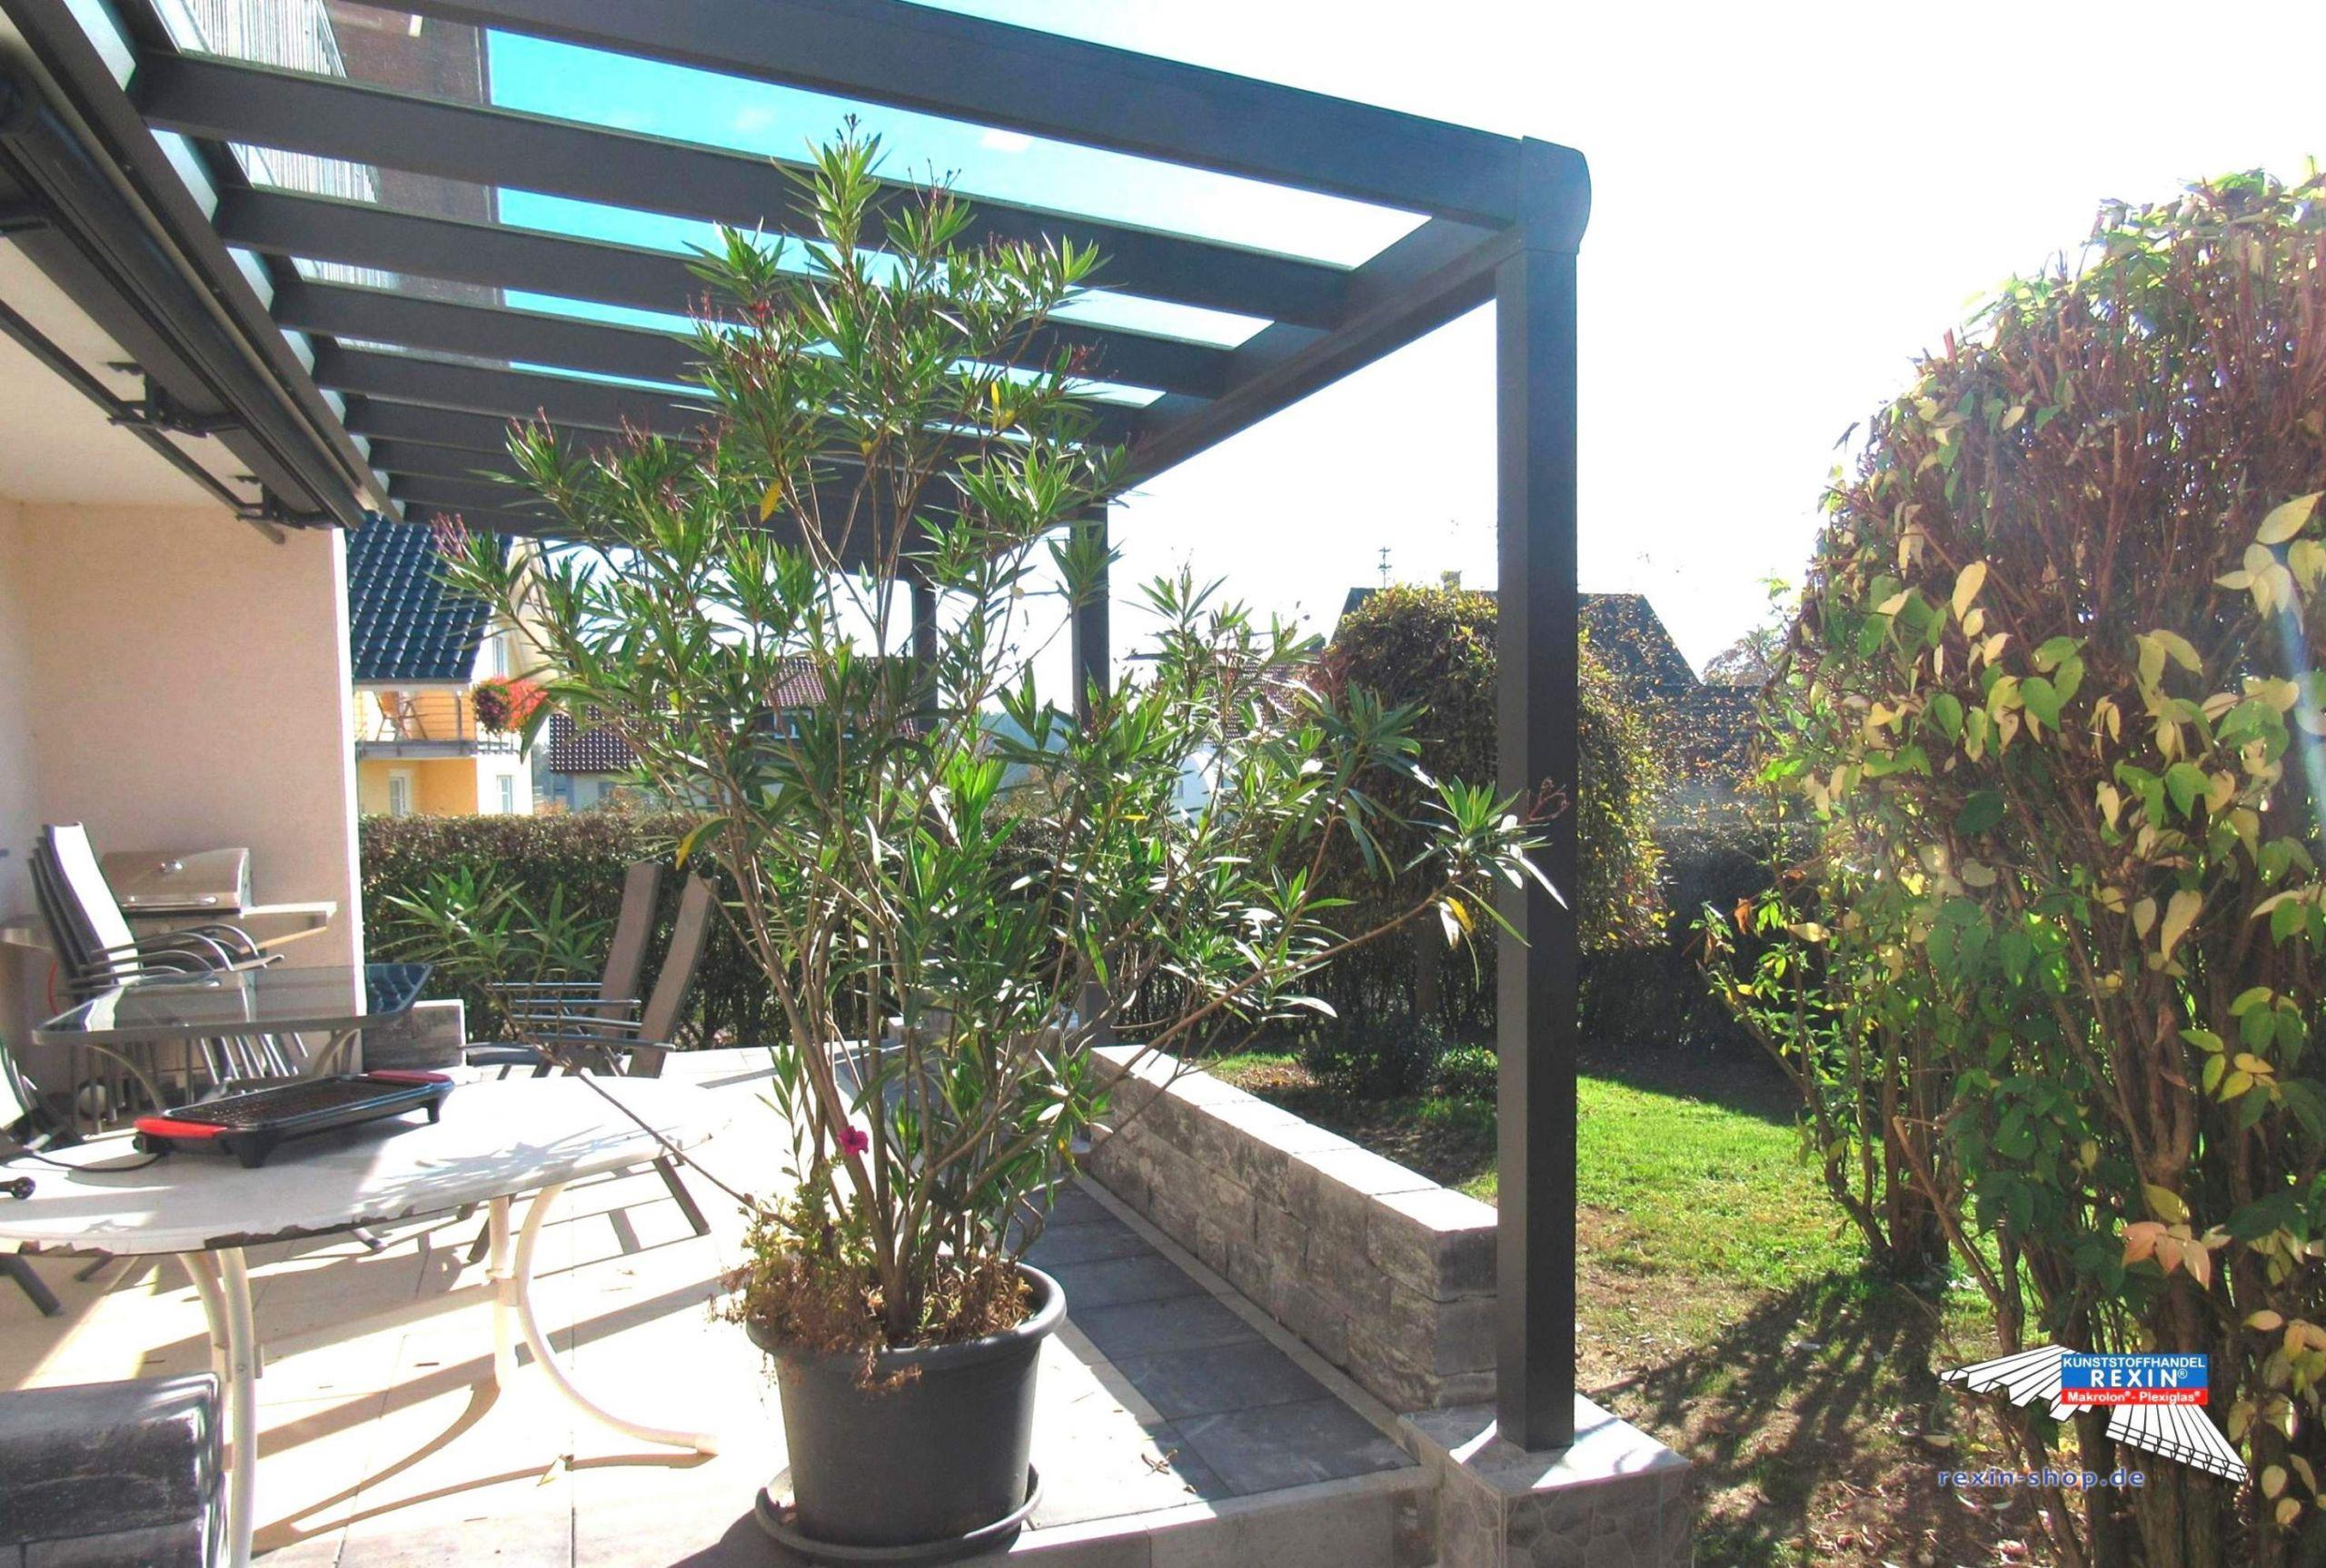 40 neu kleiner balkon ideen pflanzen pflanzen als sichtschutz balkon pflanzen als sichtschutz balkon